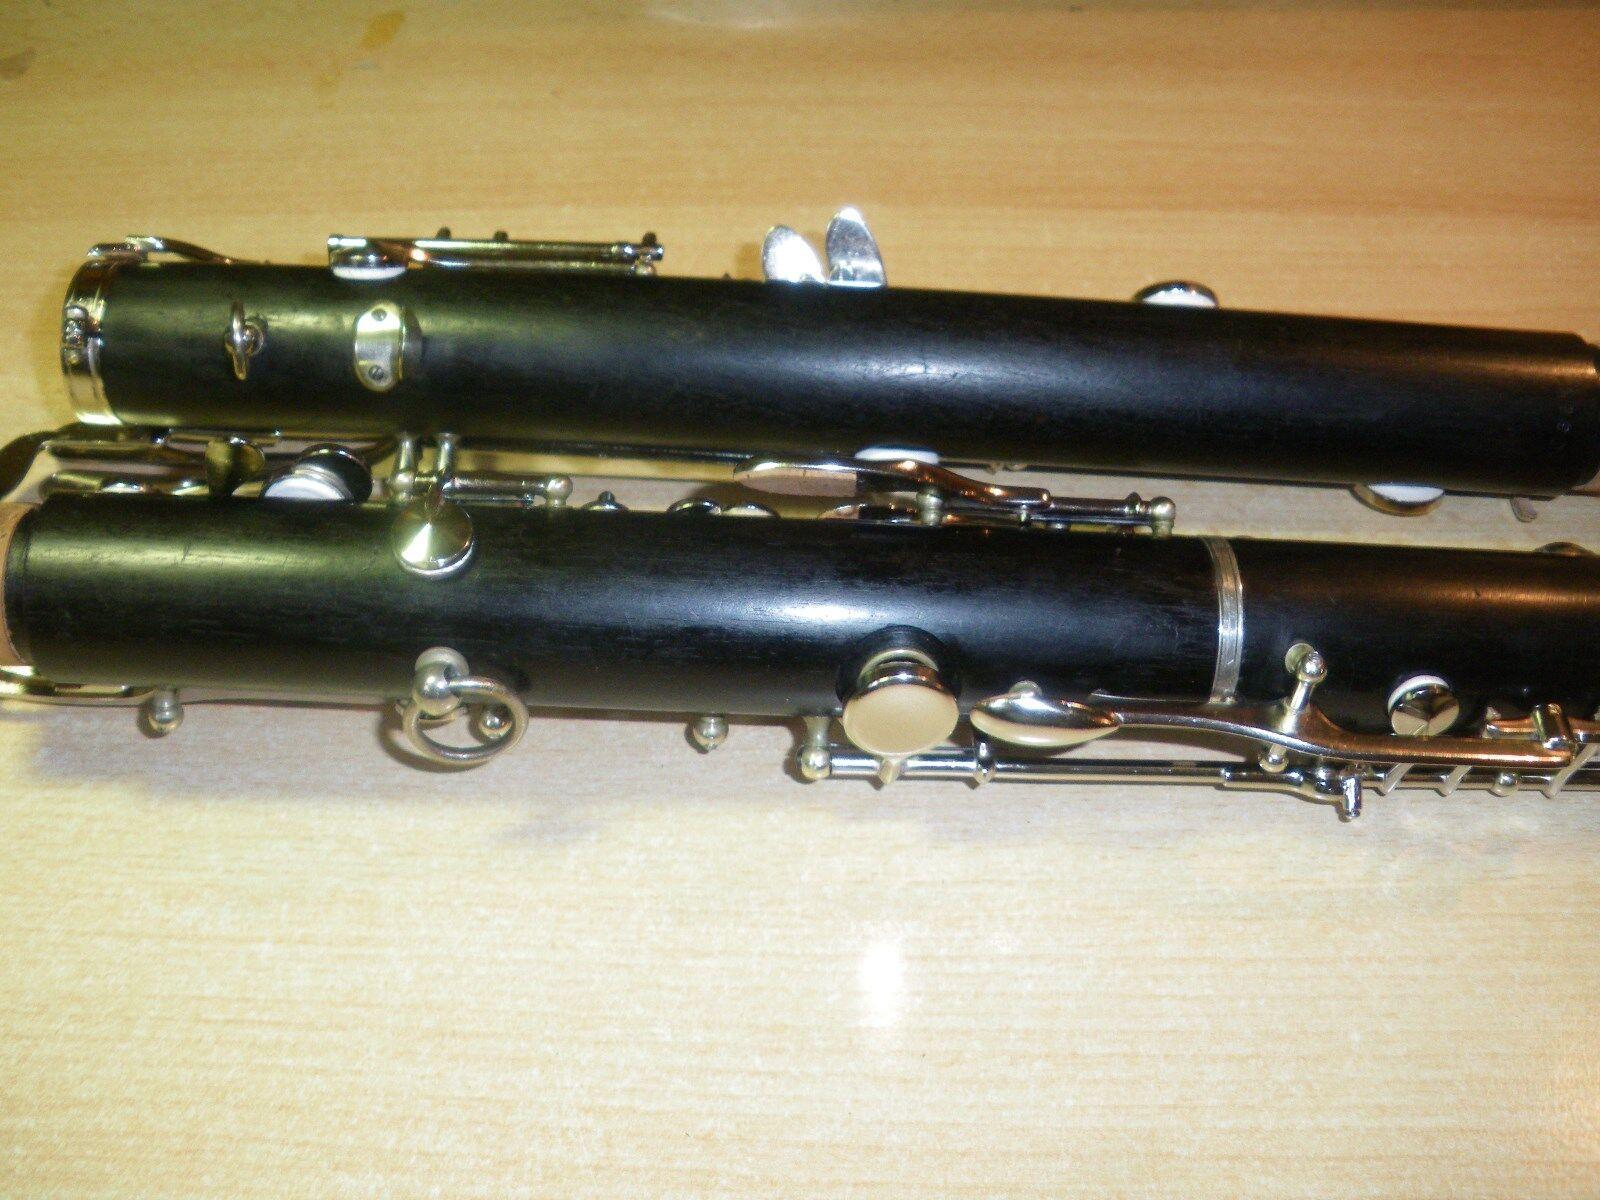 Farbwahl Der Zweite Abschnitt Der Klarinettenpfeife Für B-Klarinette